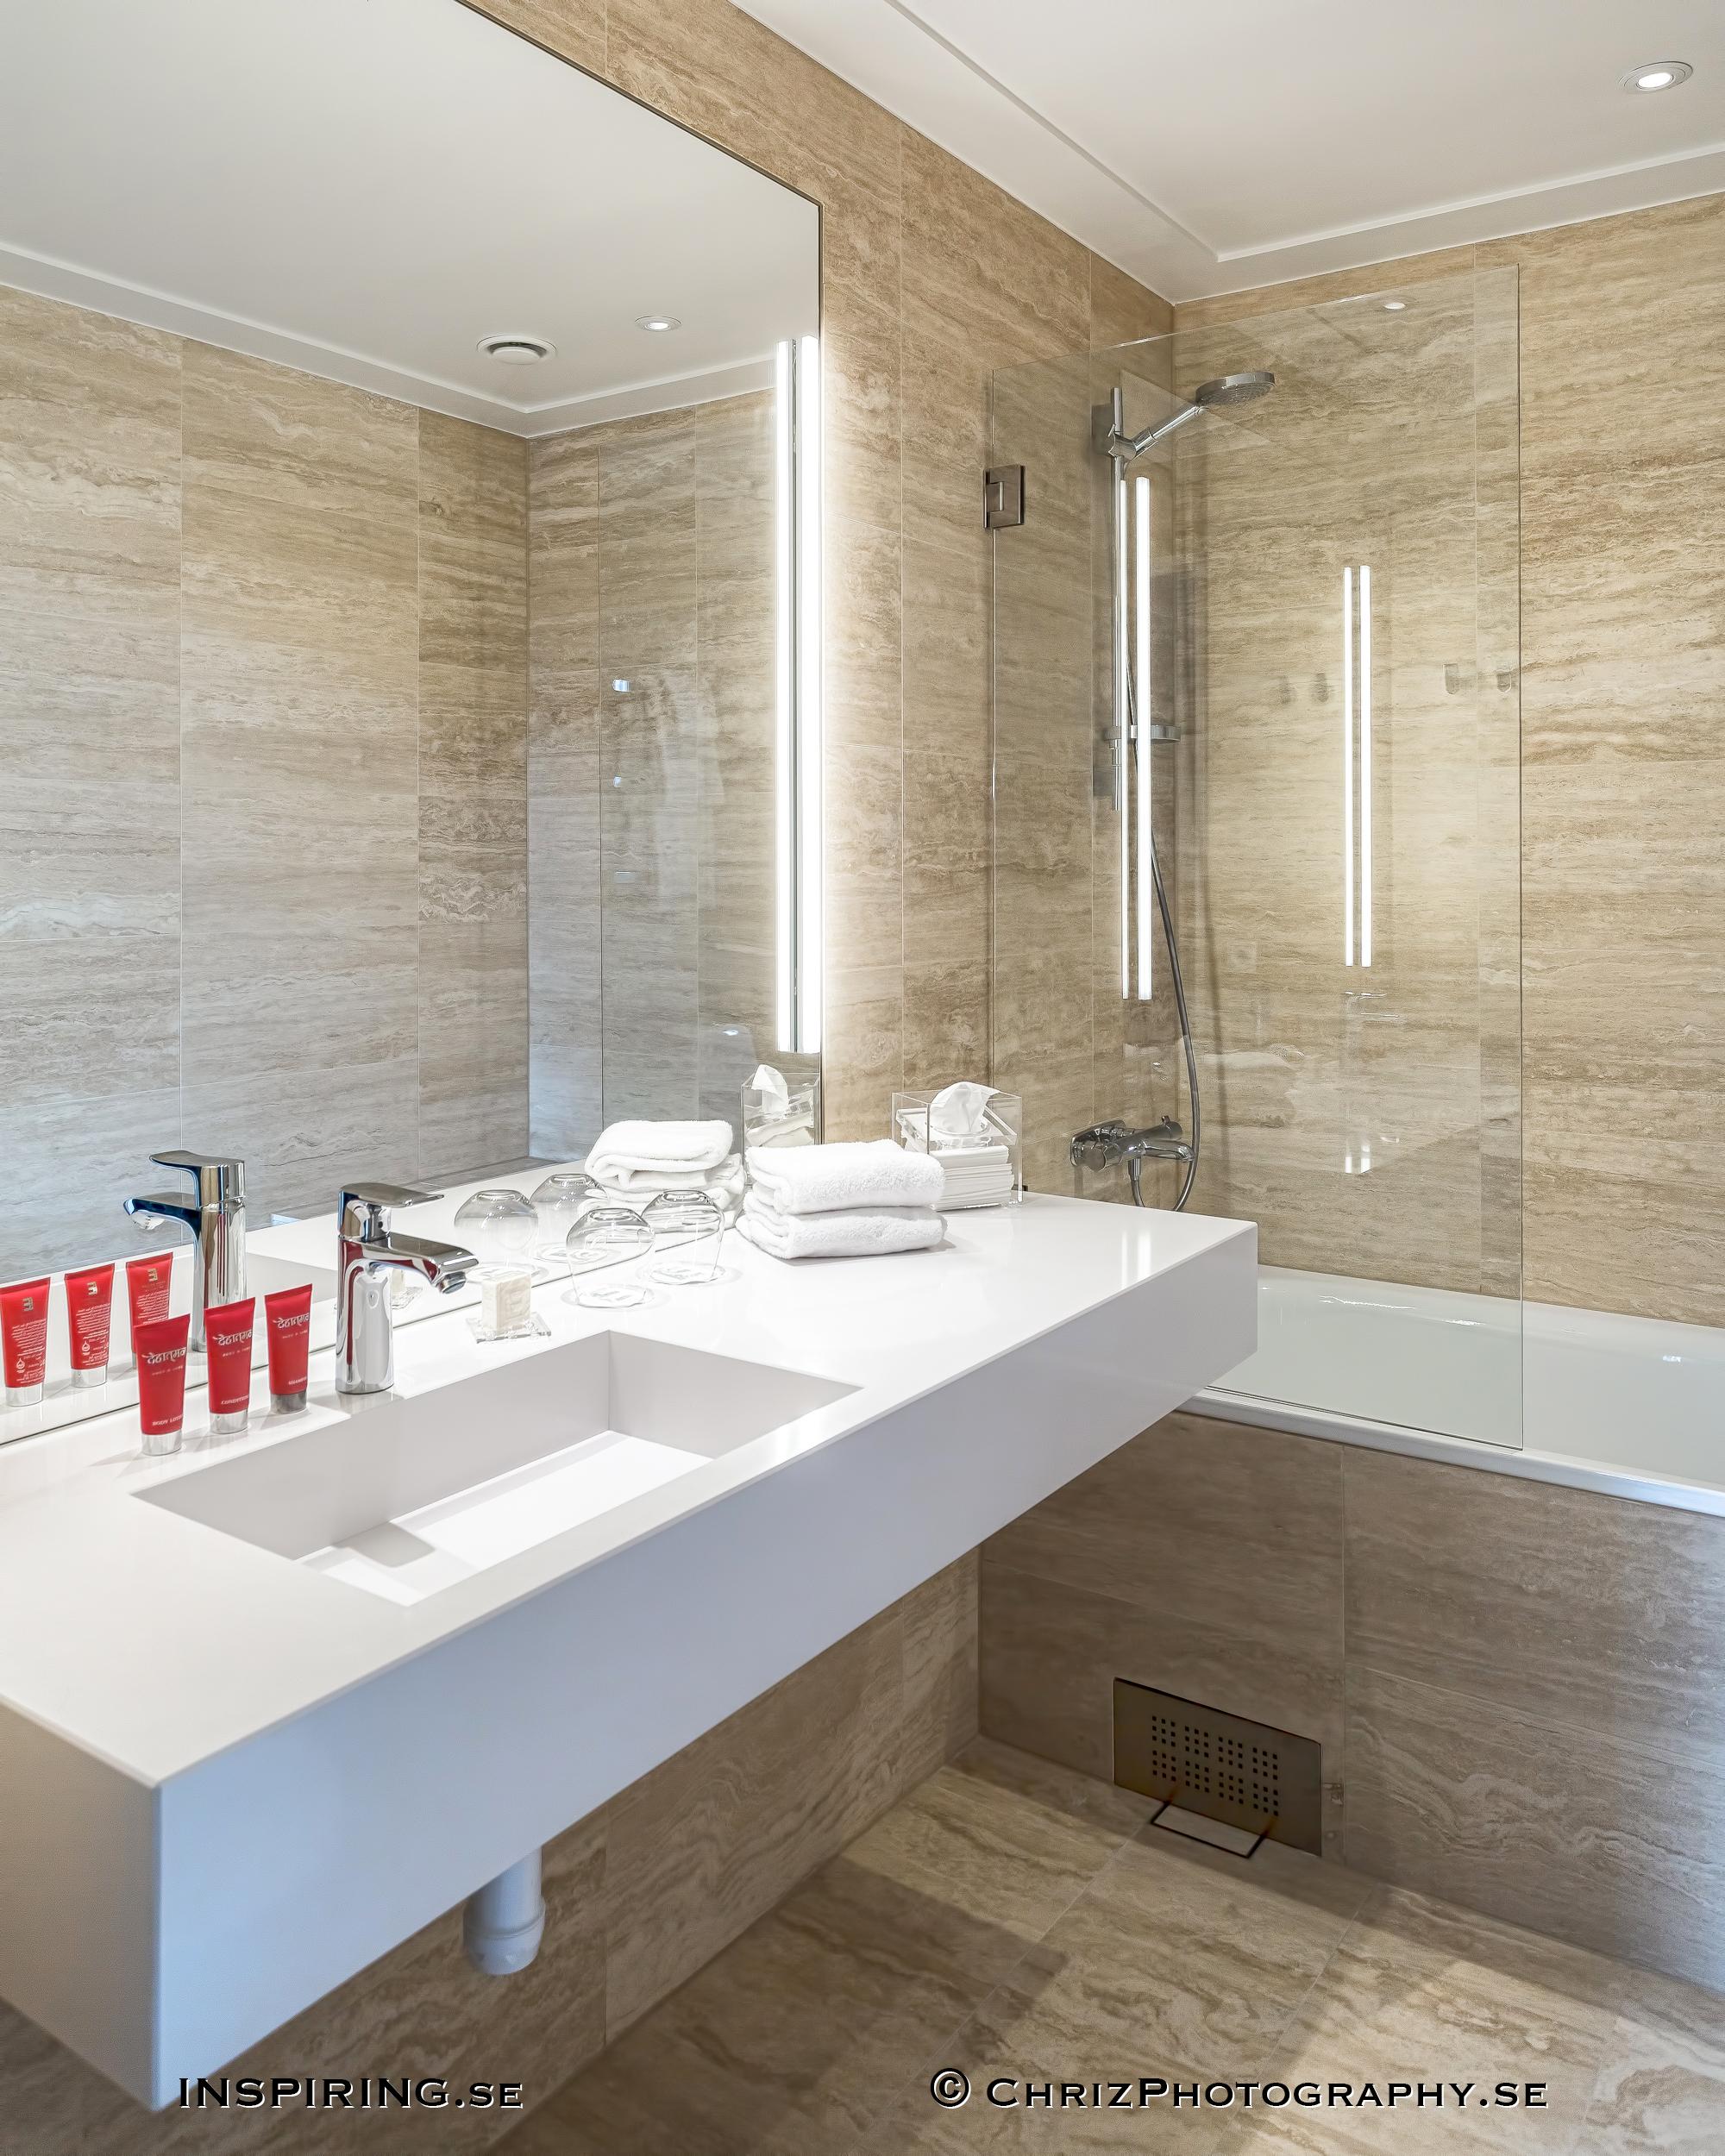 Elite_Hotel_Mimer_Inspiring.se_copyright_ChrizPhotography.se_20.jpg